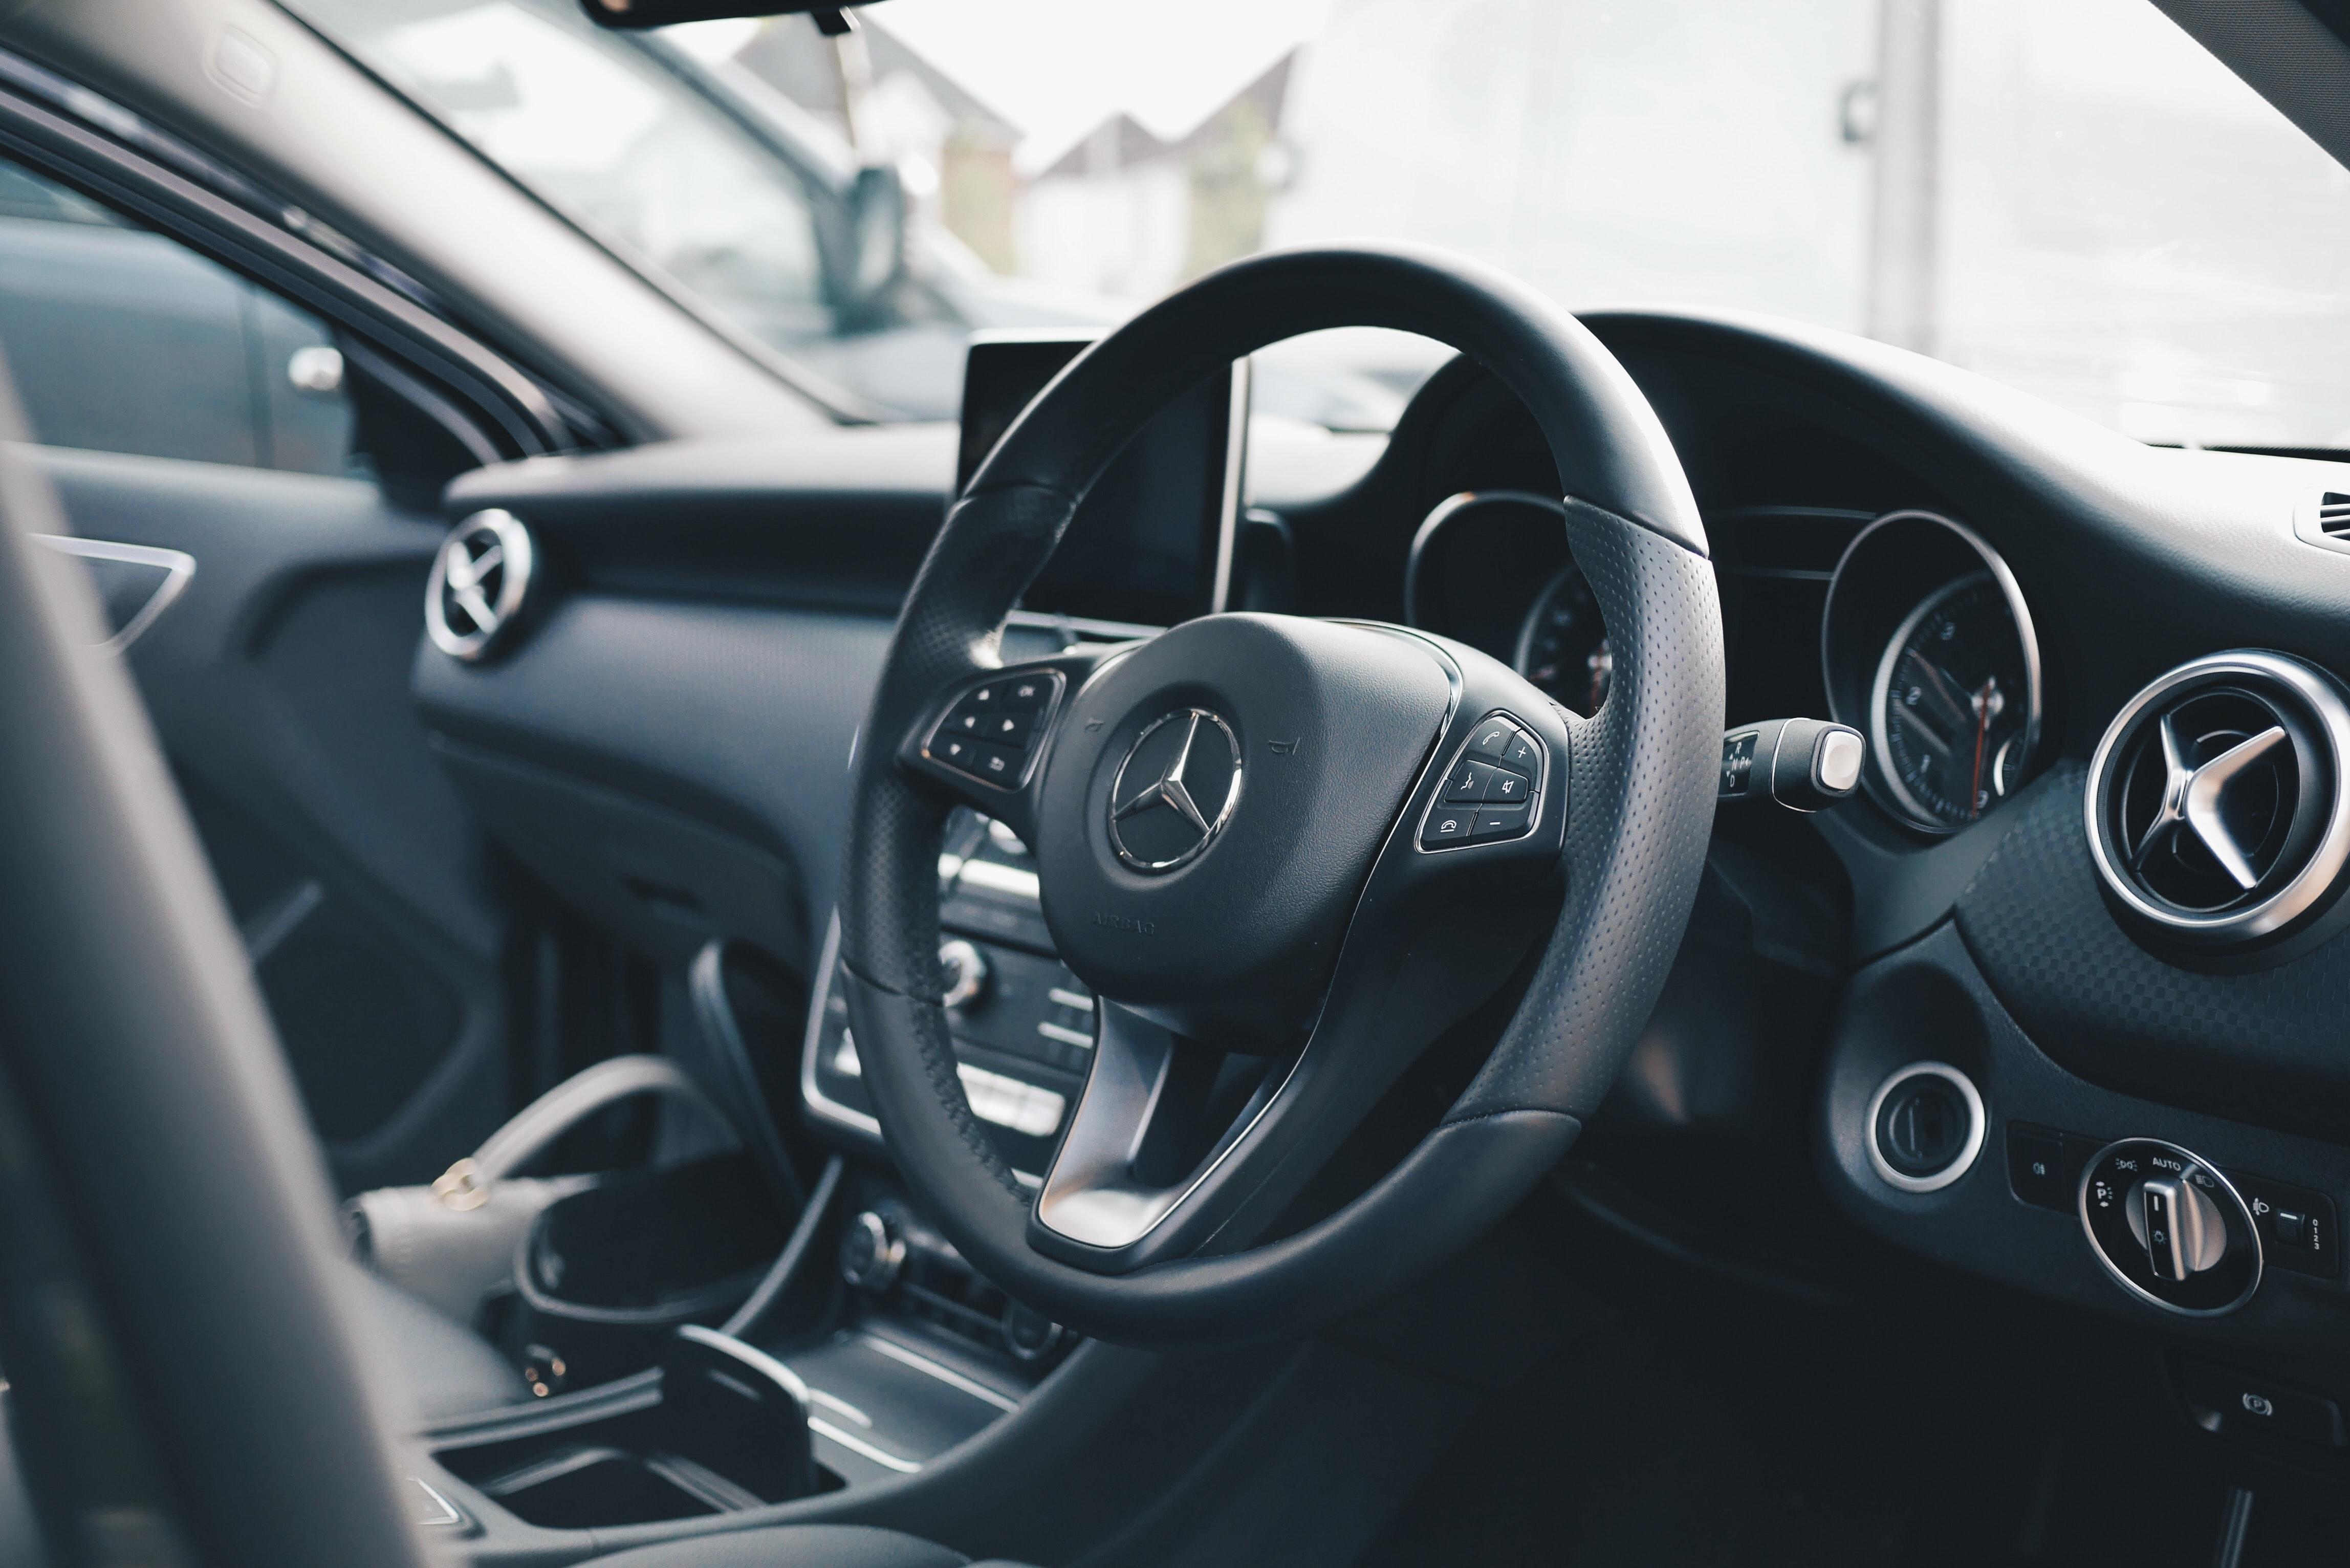 Skal jeg købe eller lease en bil?